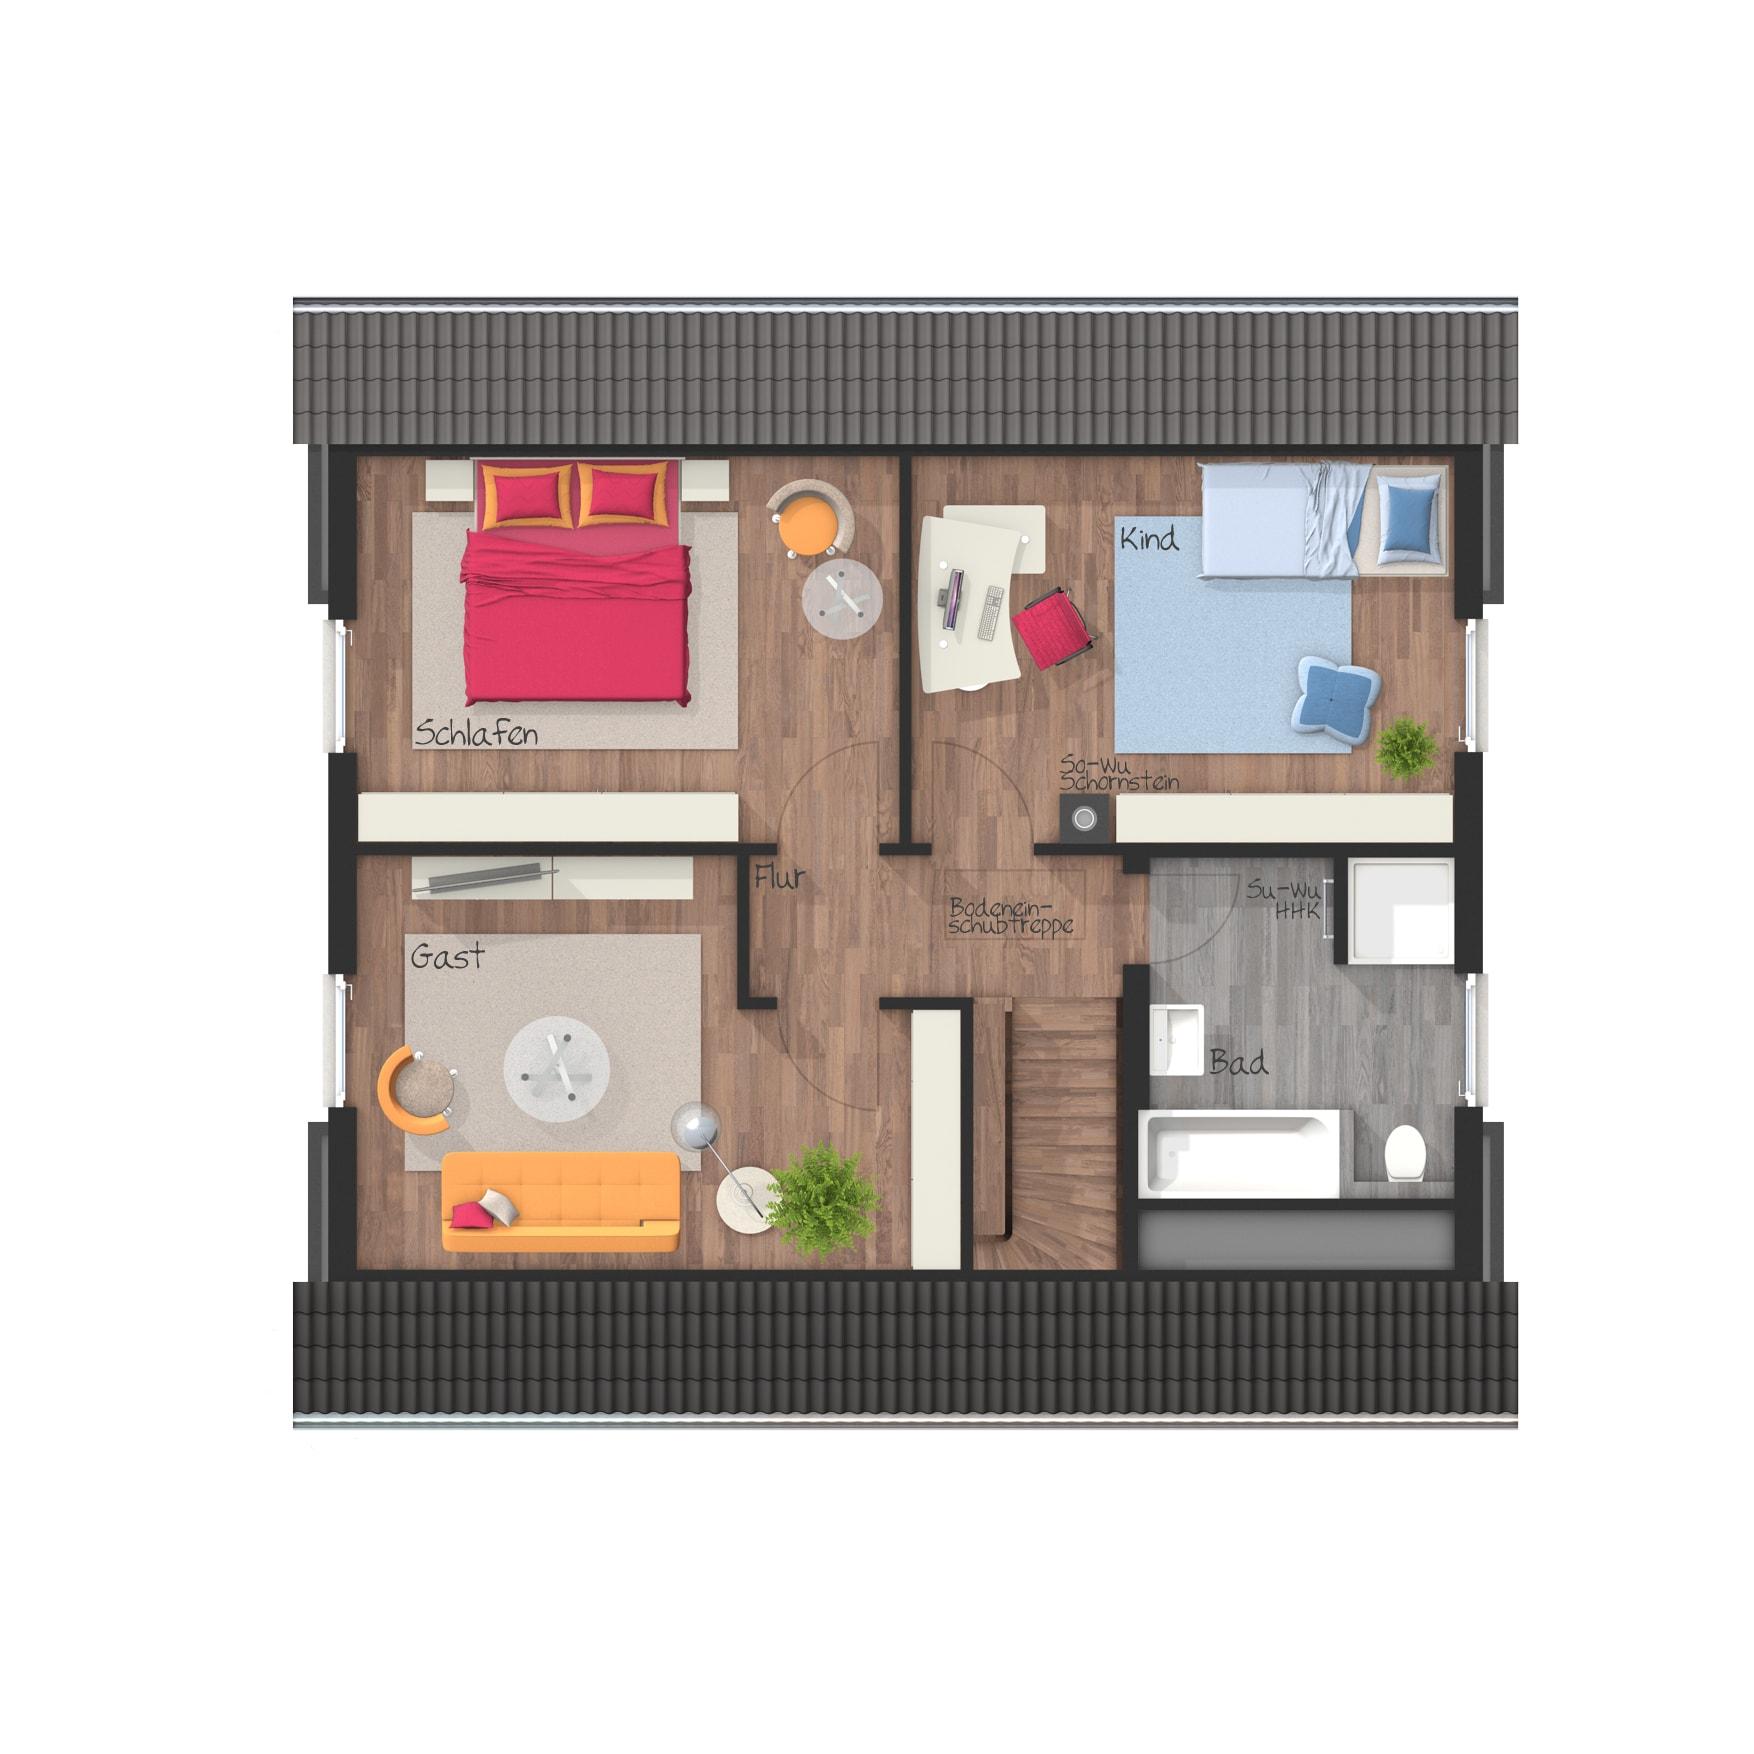 Grundriss Einfamilienhaus Obergeschoss mit Satteldach, 5 Zimmer, 120 qm - Massivhaus schlüsselfertig bauen Ideen Town Country Haus Flair 130 Klinker - HausbauDirekt.de